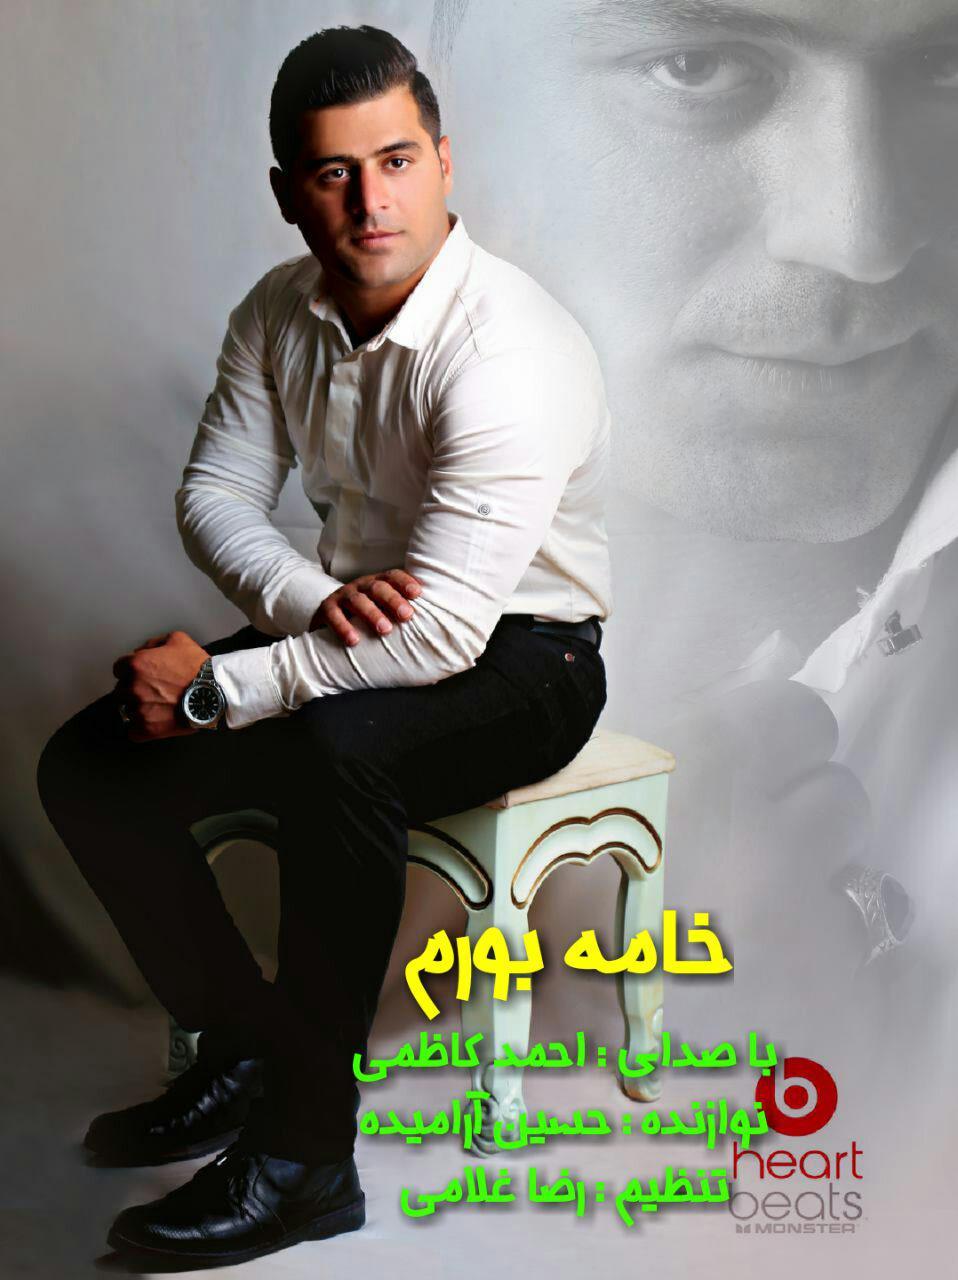 دانلود آهنگ جدید خامه بورم با صدای احمدکاظمی